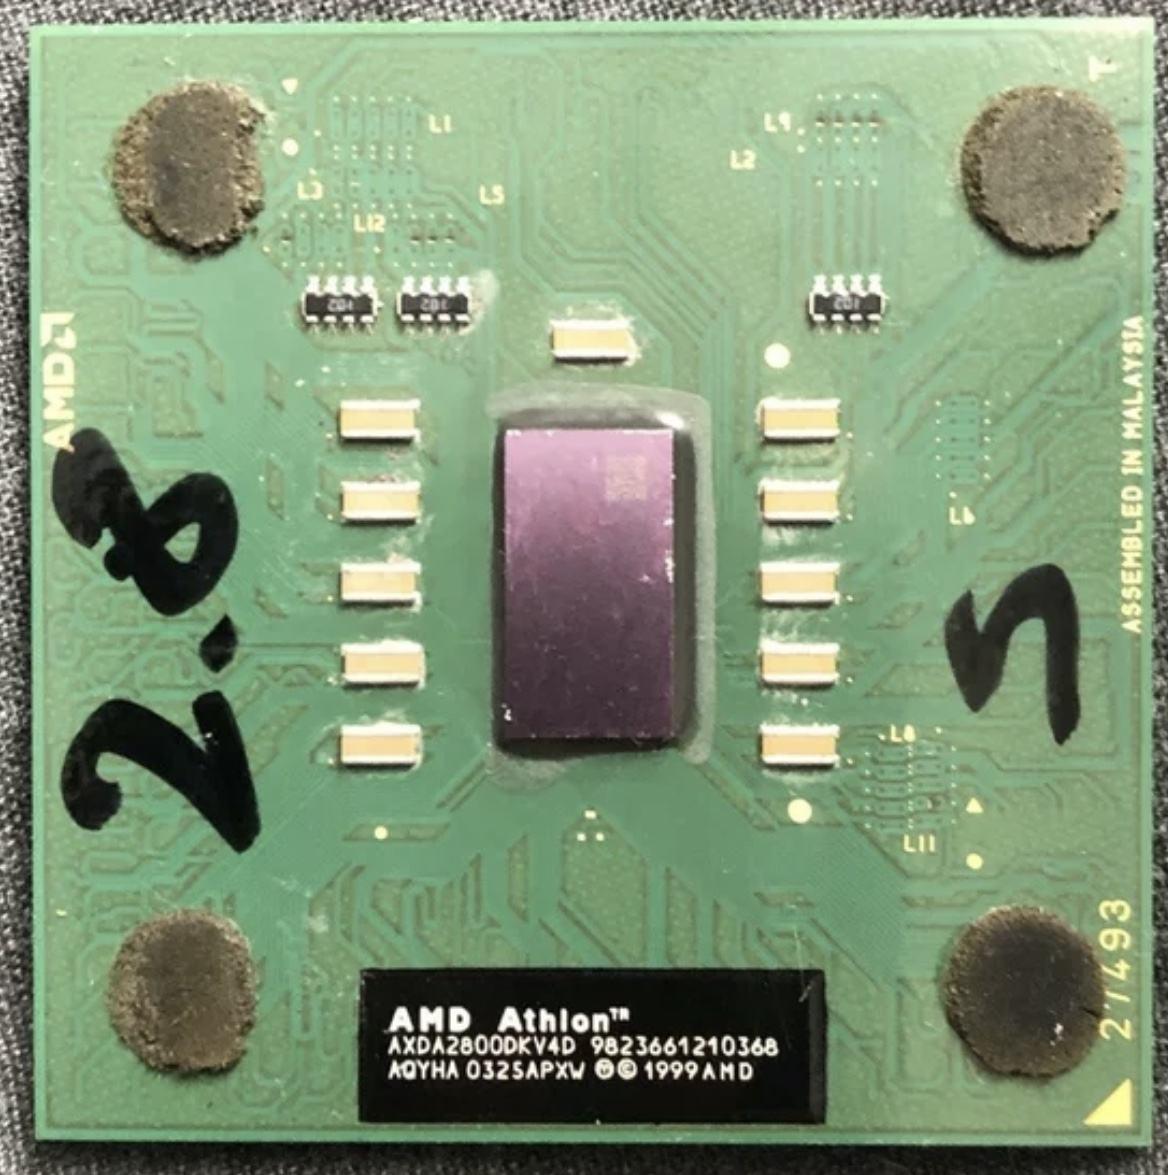 AC3F7D76-7B4E-4CED-A5E4-84261CFD7ABF.jpeg